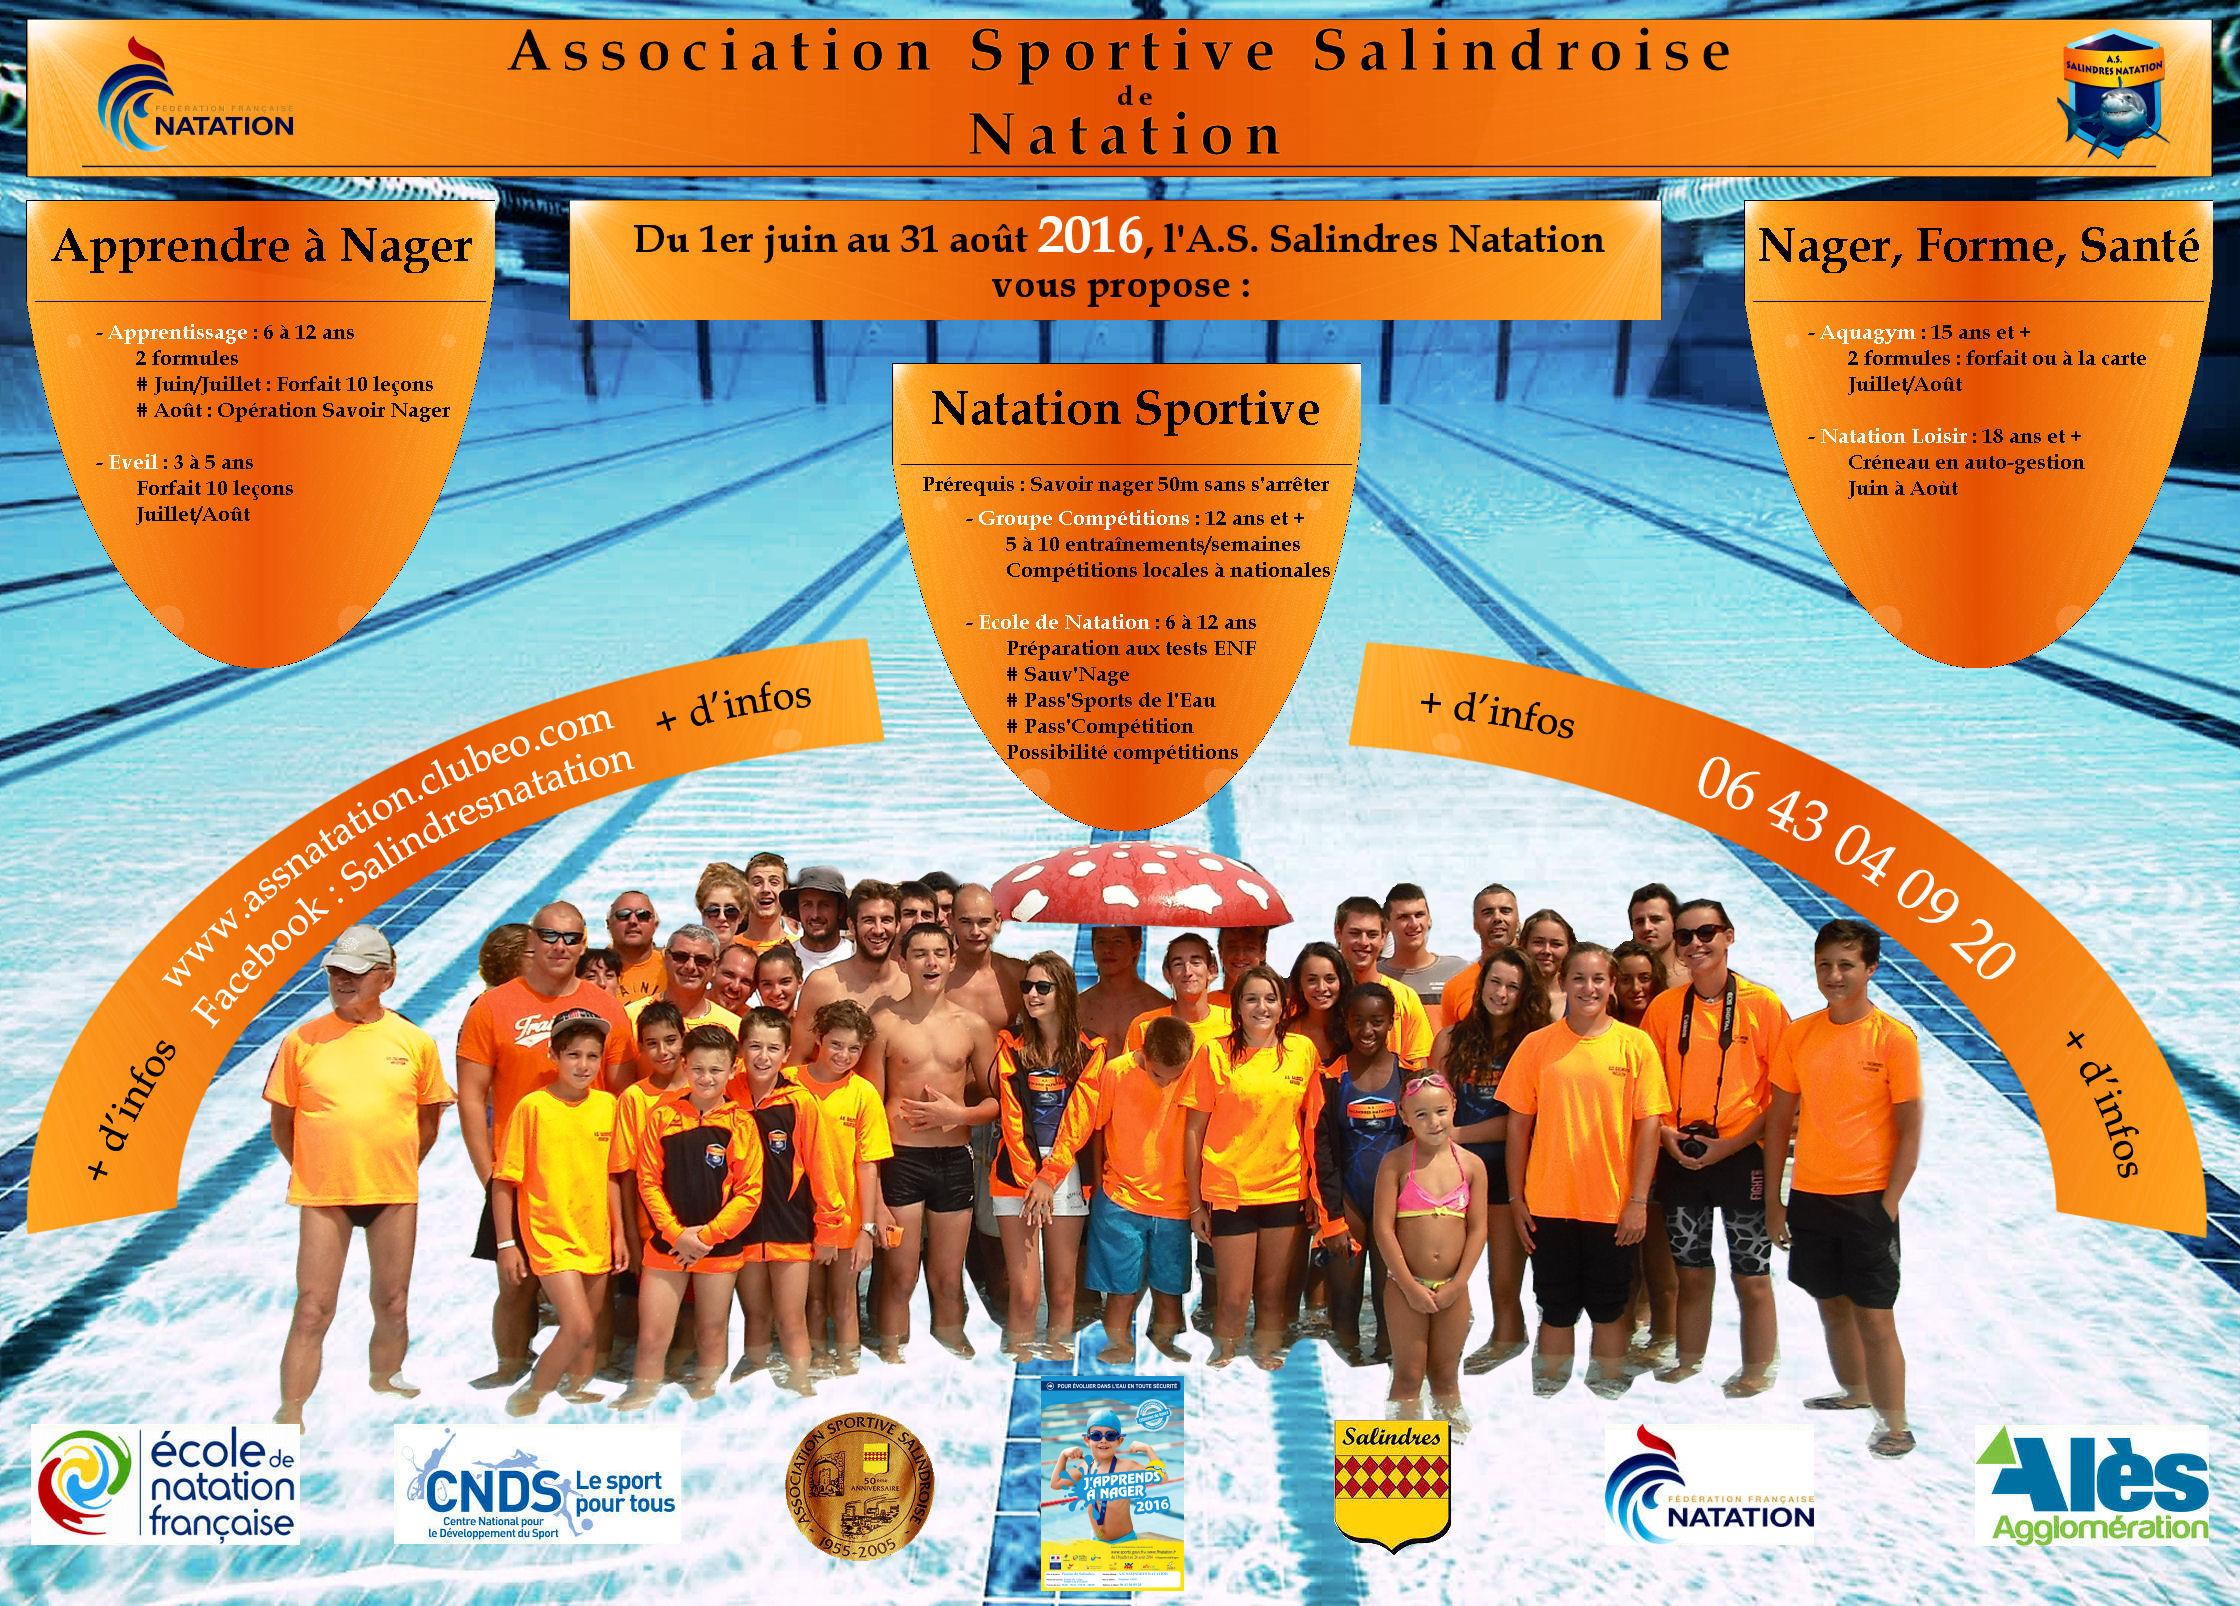 Association sportive salindroise de natation site officiel du club de natation de salindres for Piscine noisy le grand